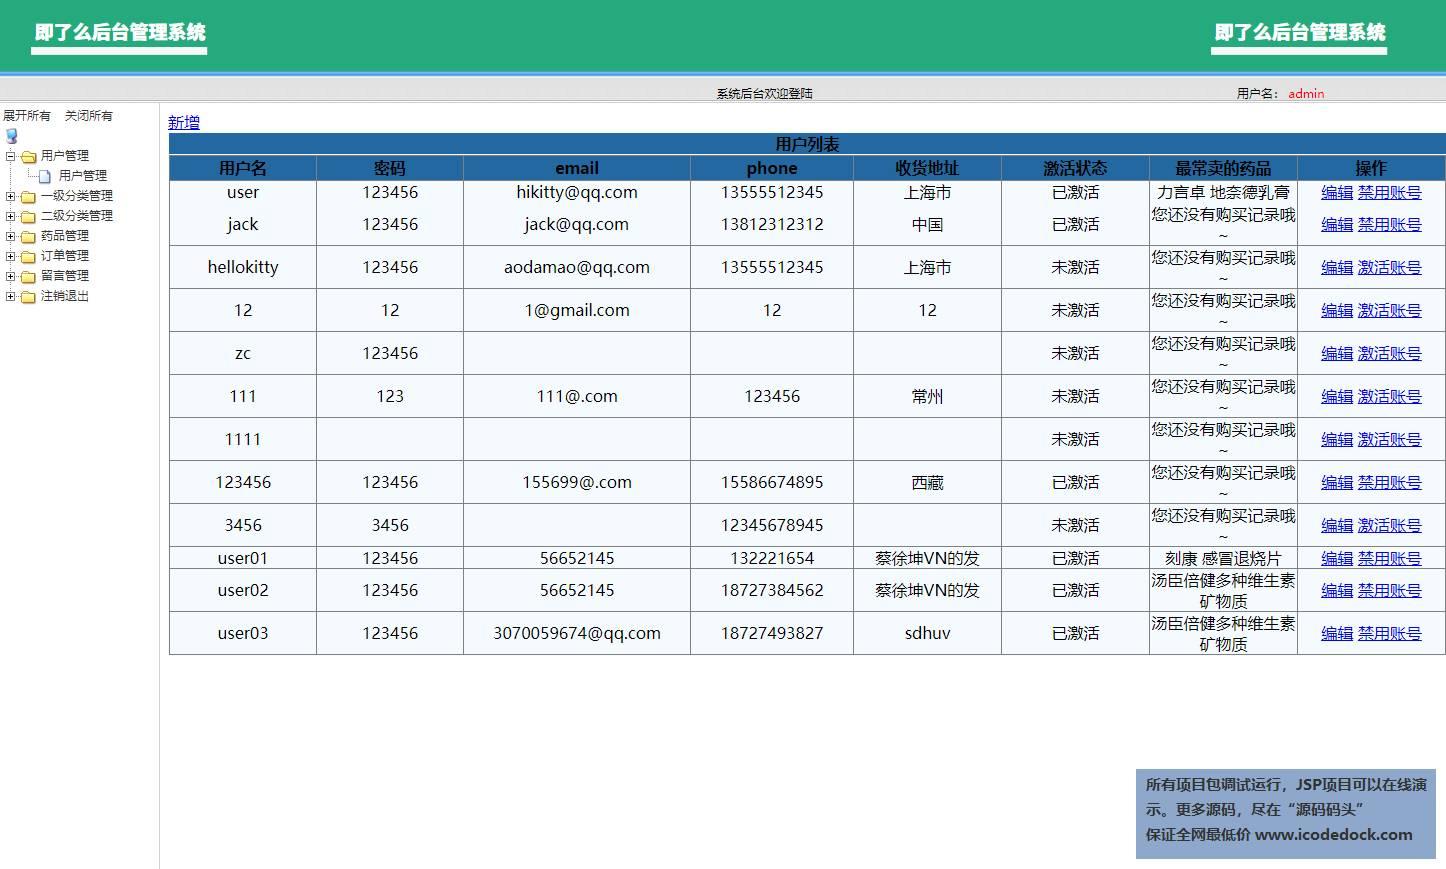 源码码头-SSM网上药品销售商城网站系统-管理员角色-用户管理